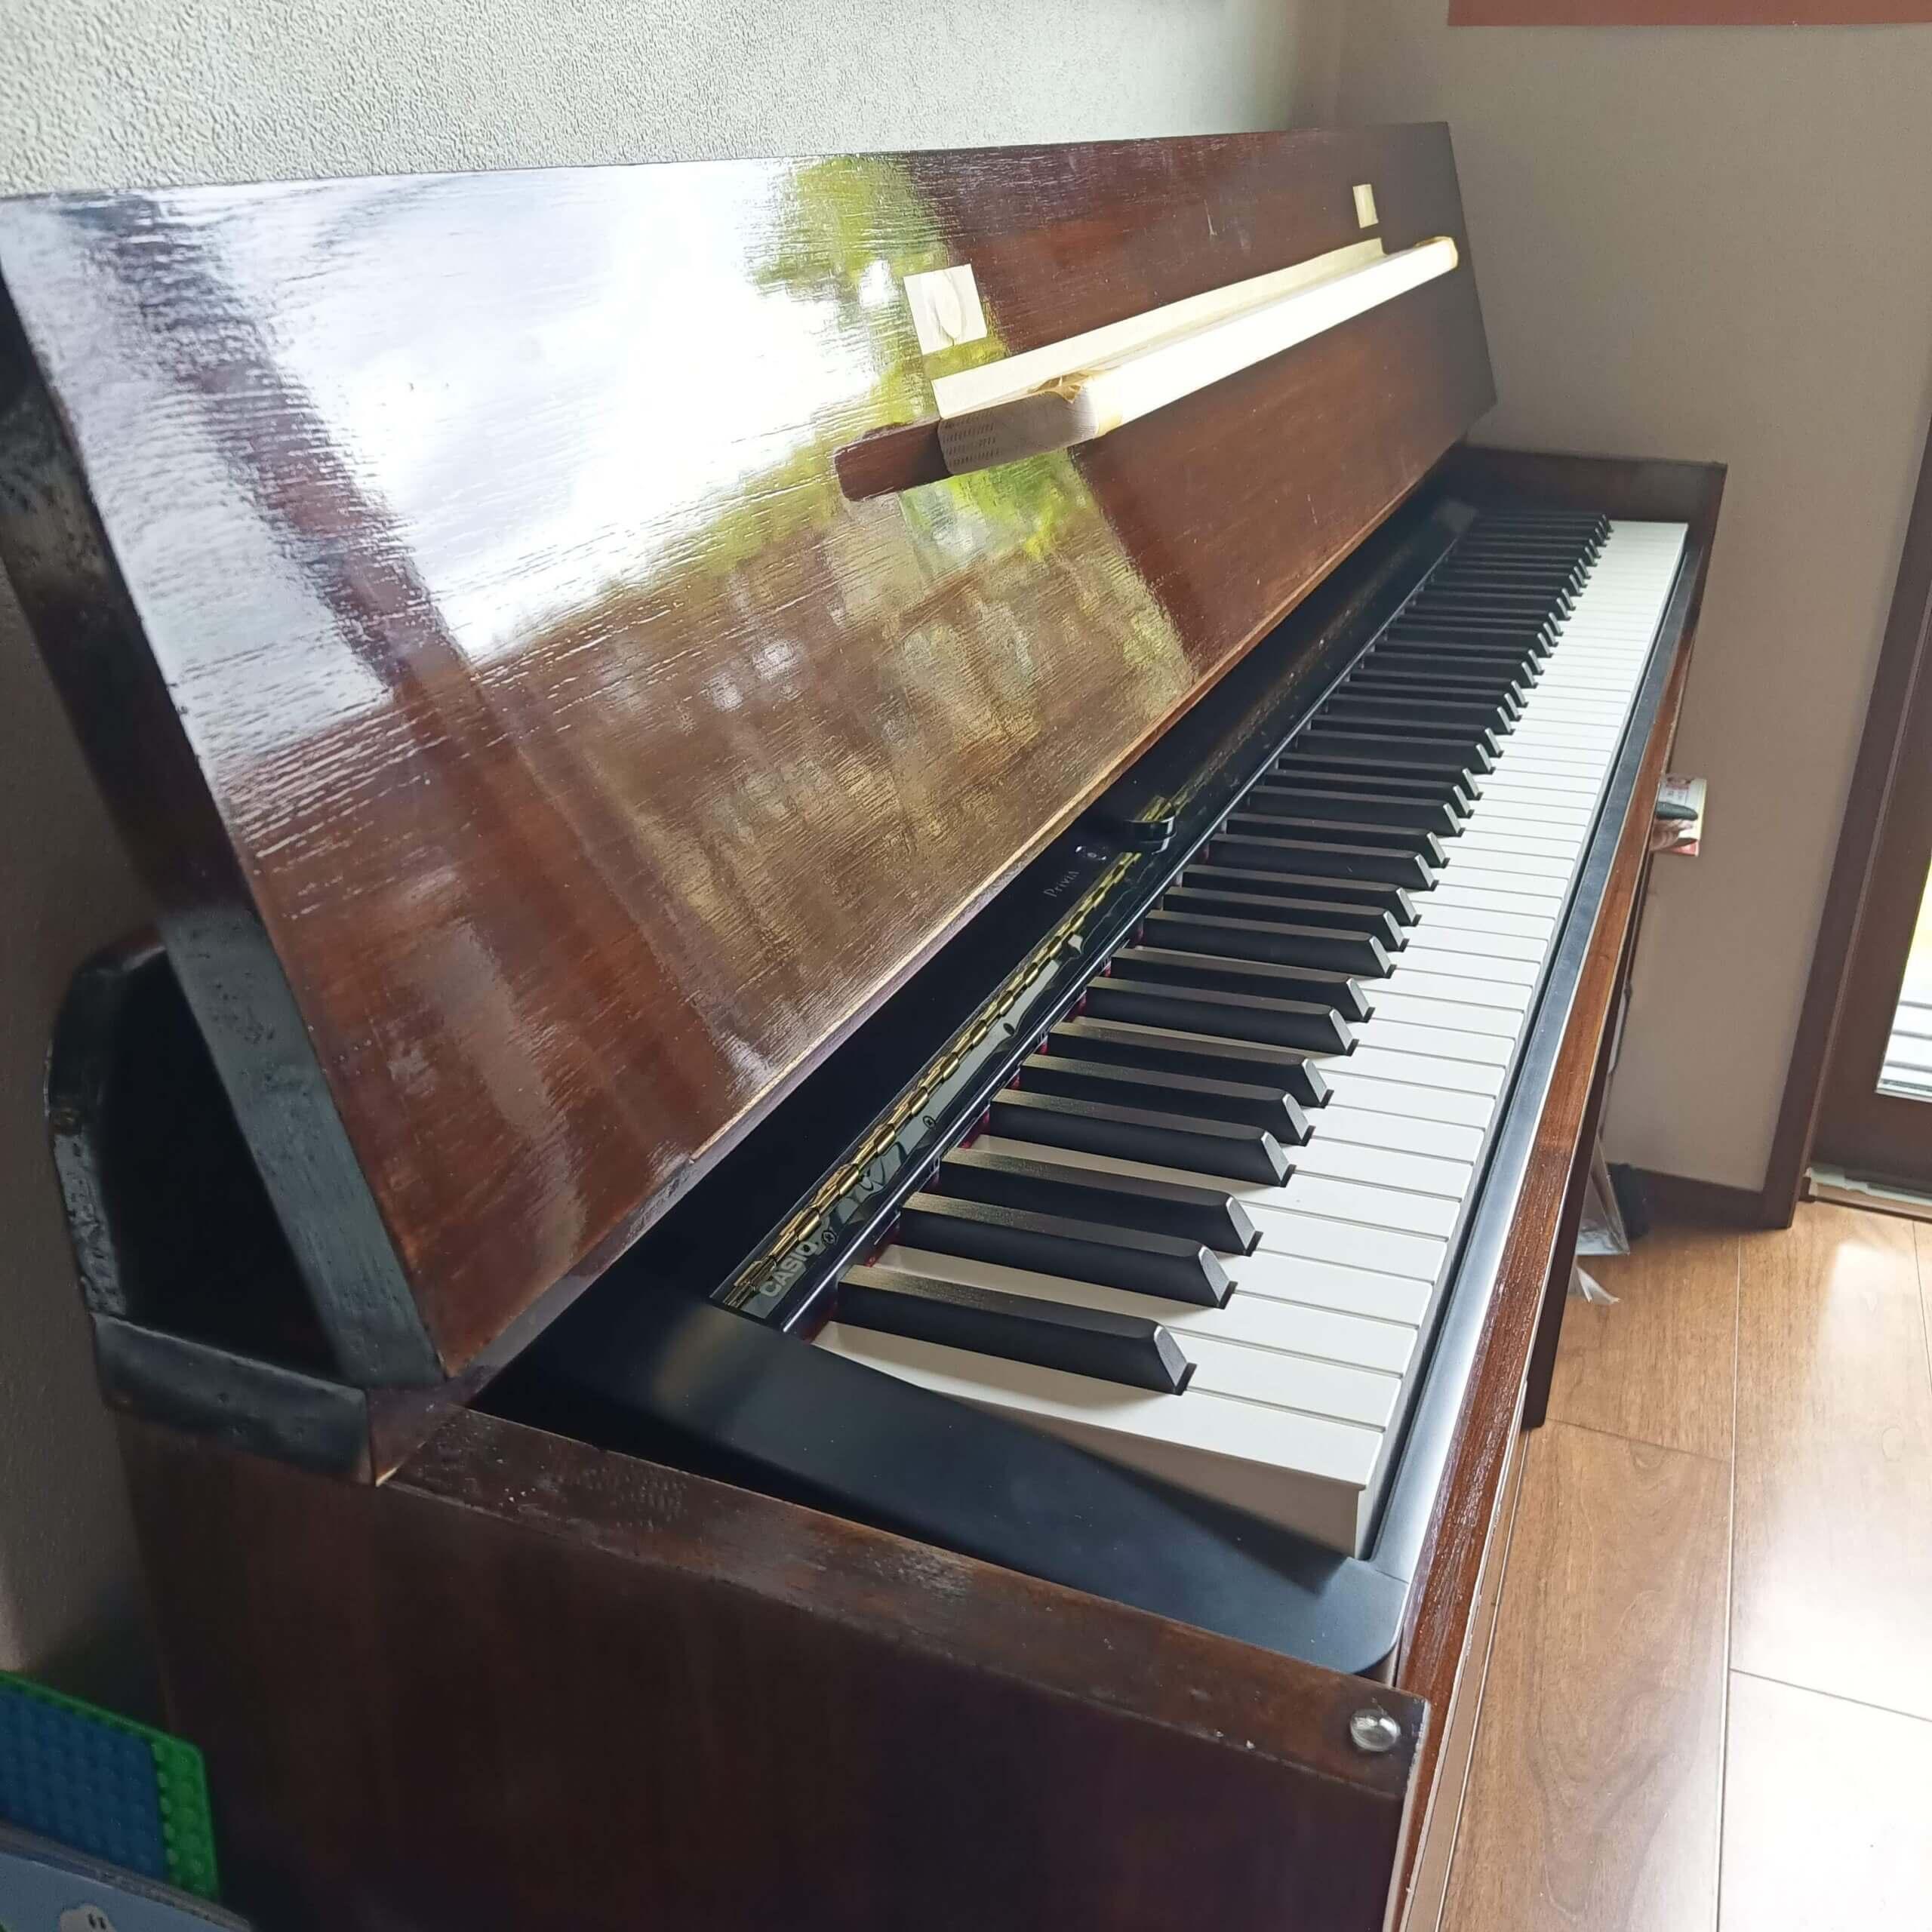 自作ピアノ台 電子ピアノ台 自作 DIY